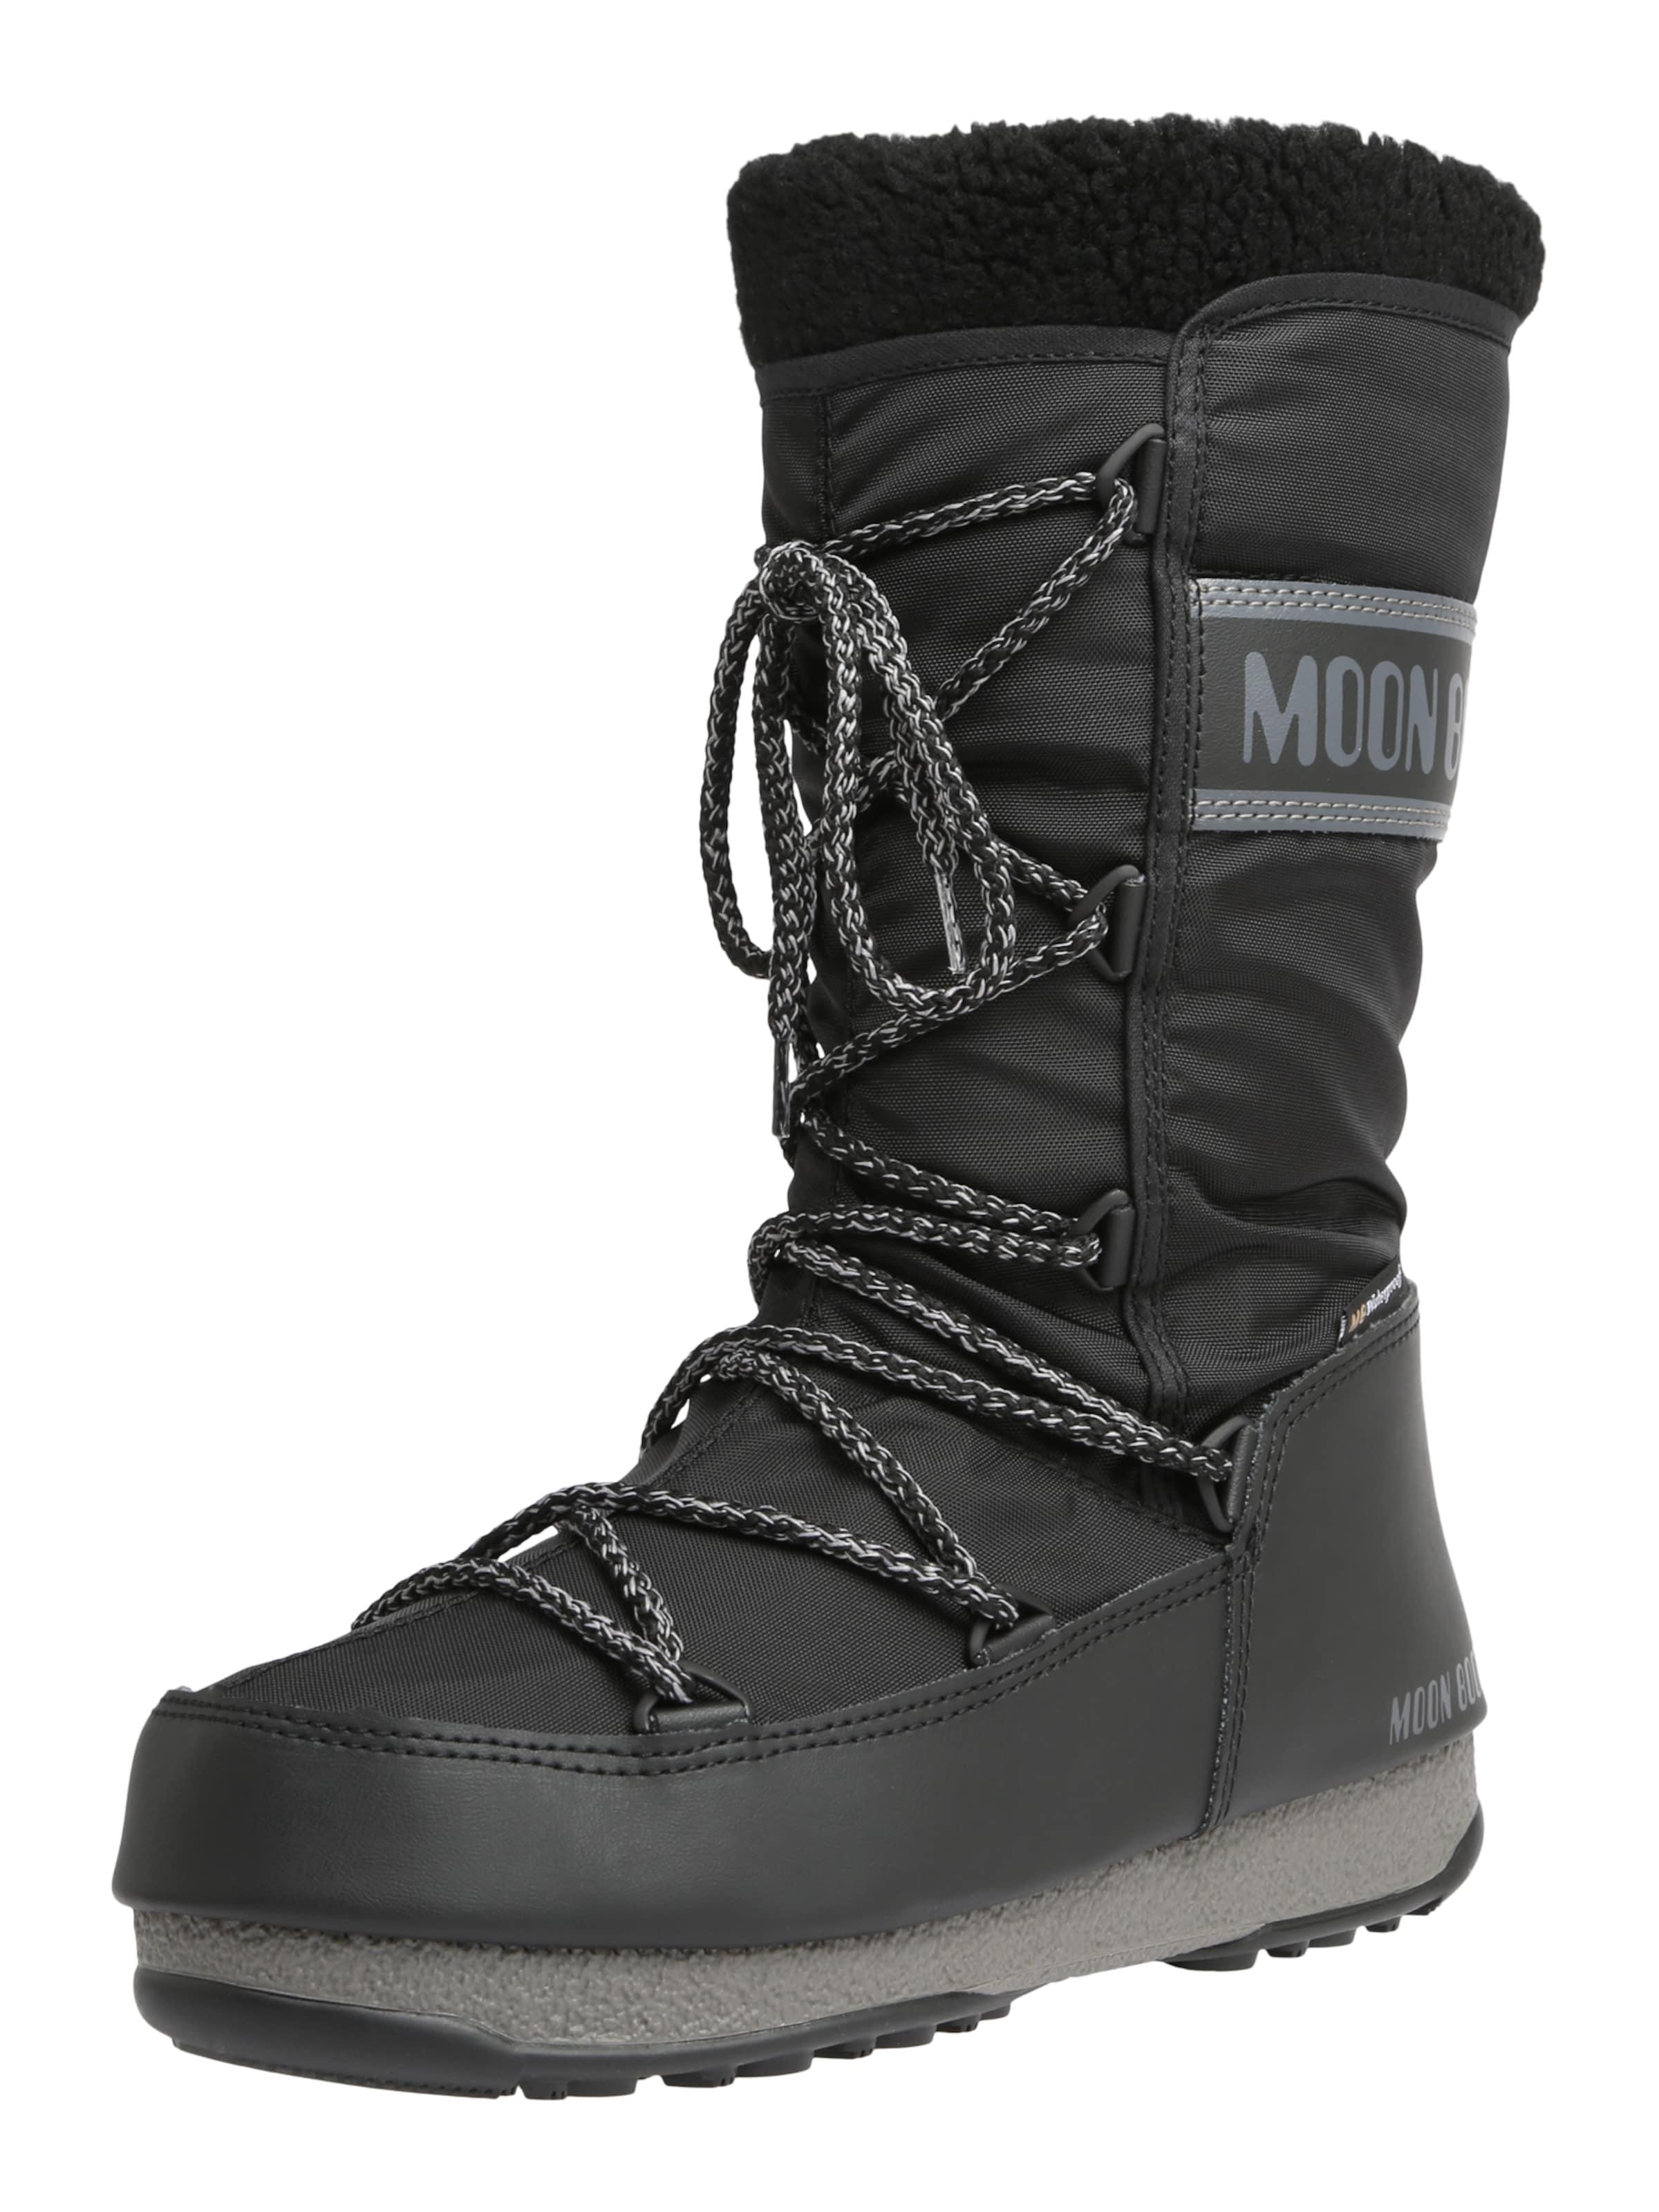 MOON Stiefel SnowStiefel 'MOON Stiefel MONACO WOOL WP' in schwarz